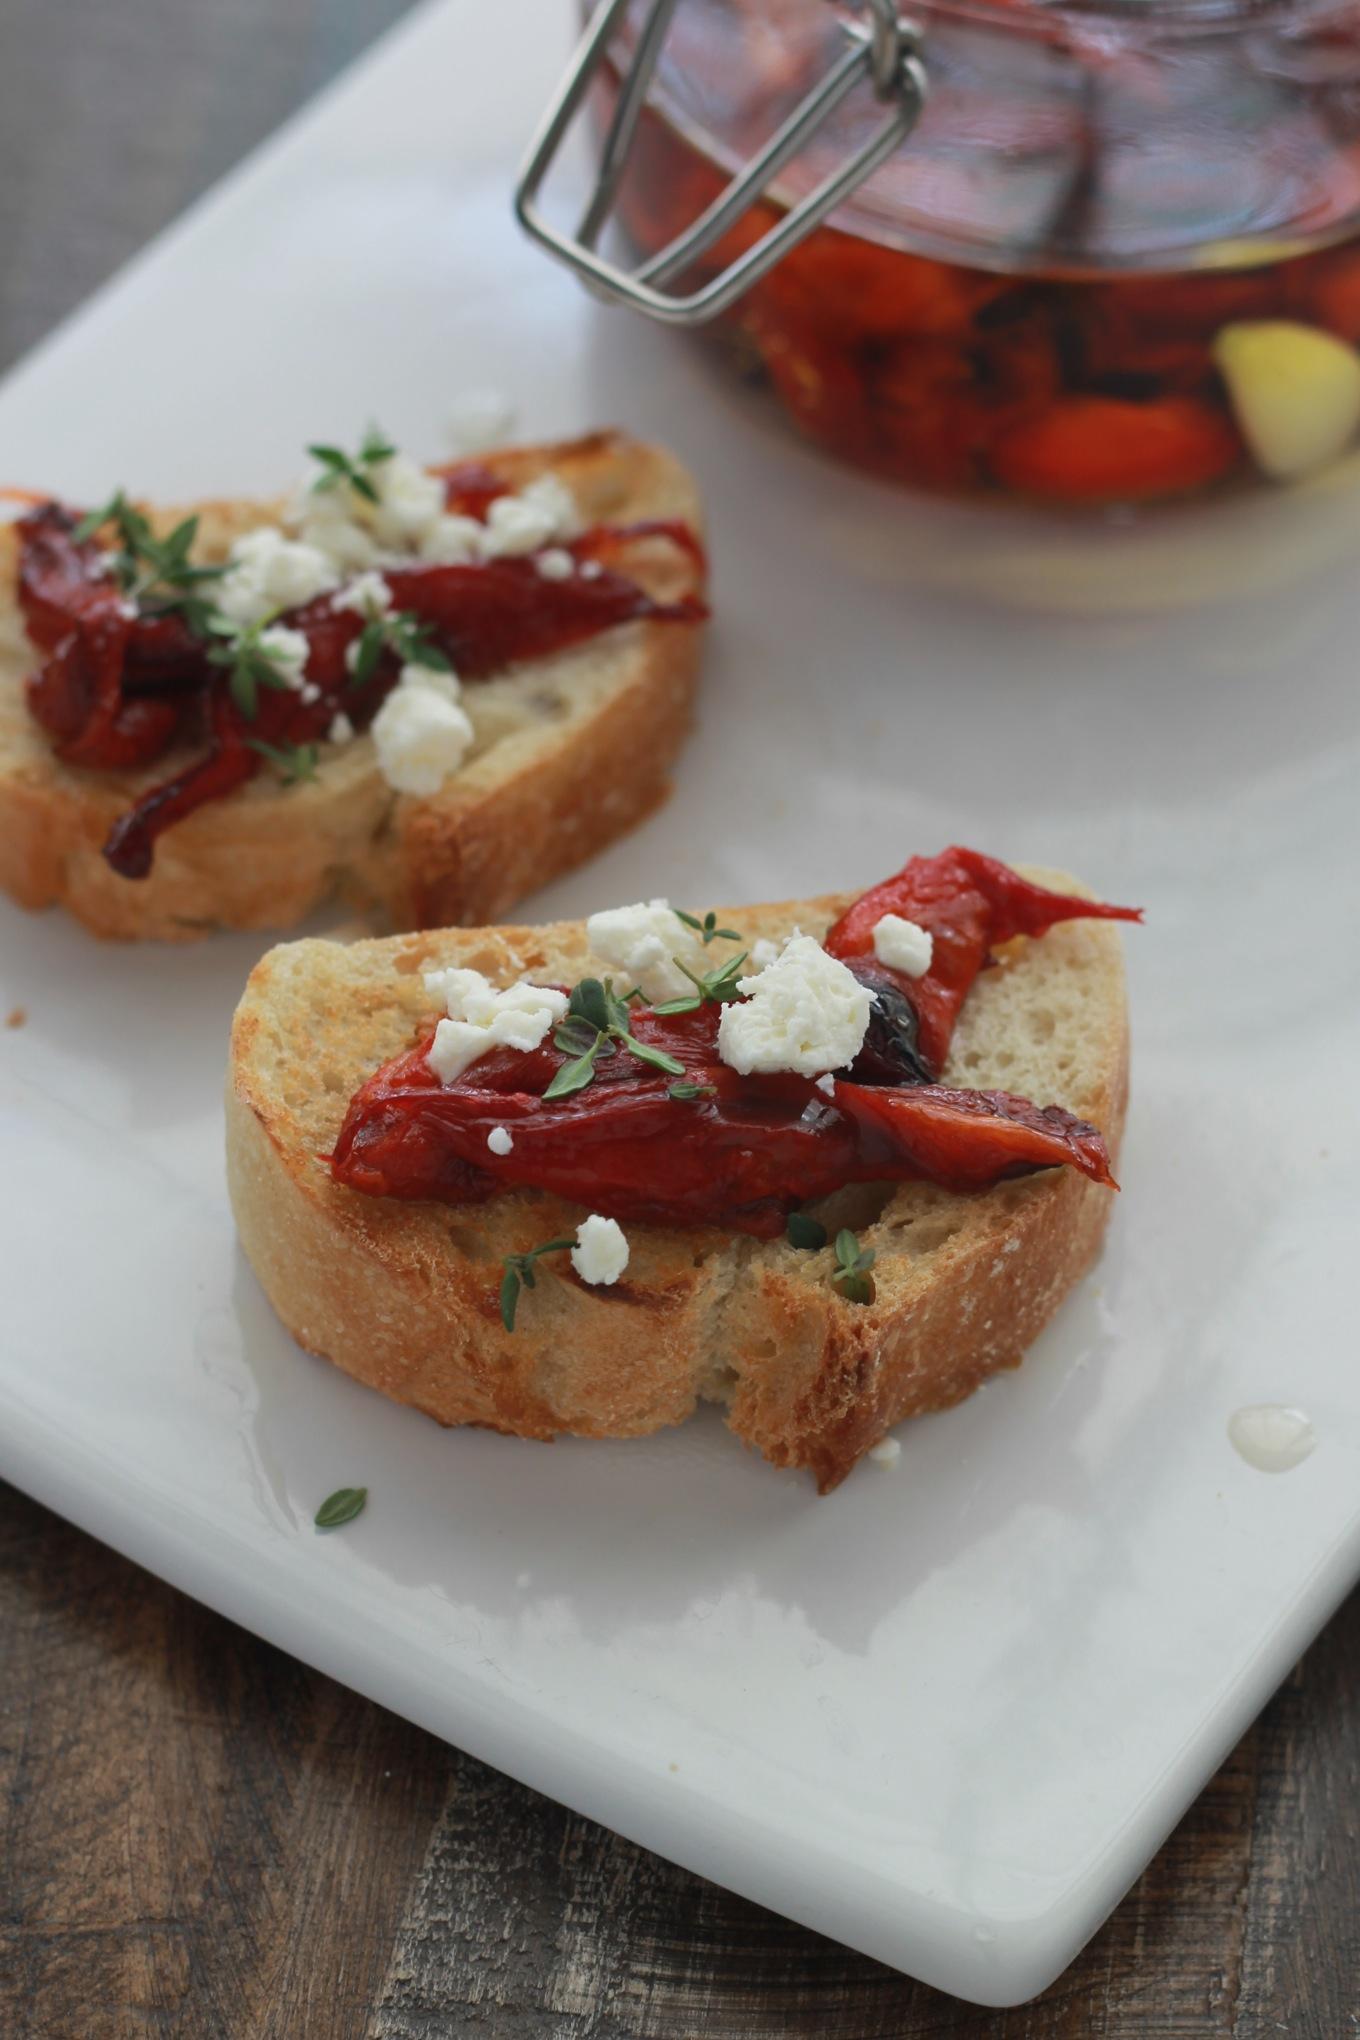 Poivrons rouges confit a l'huile d'olive faciles